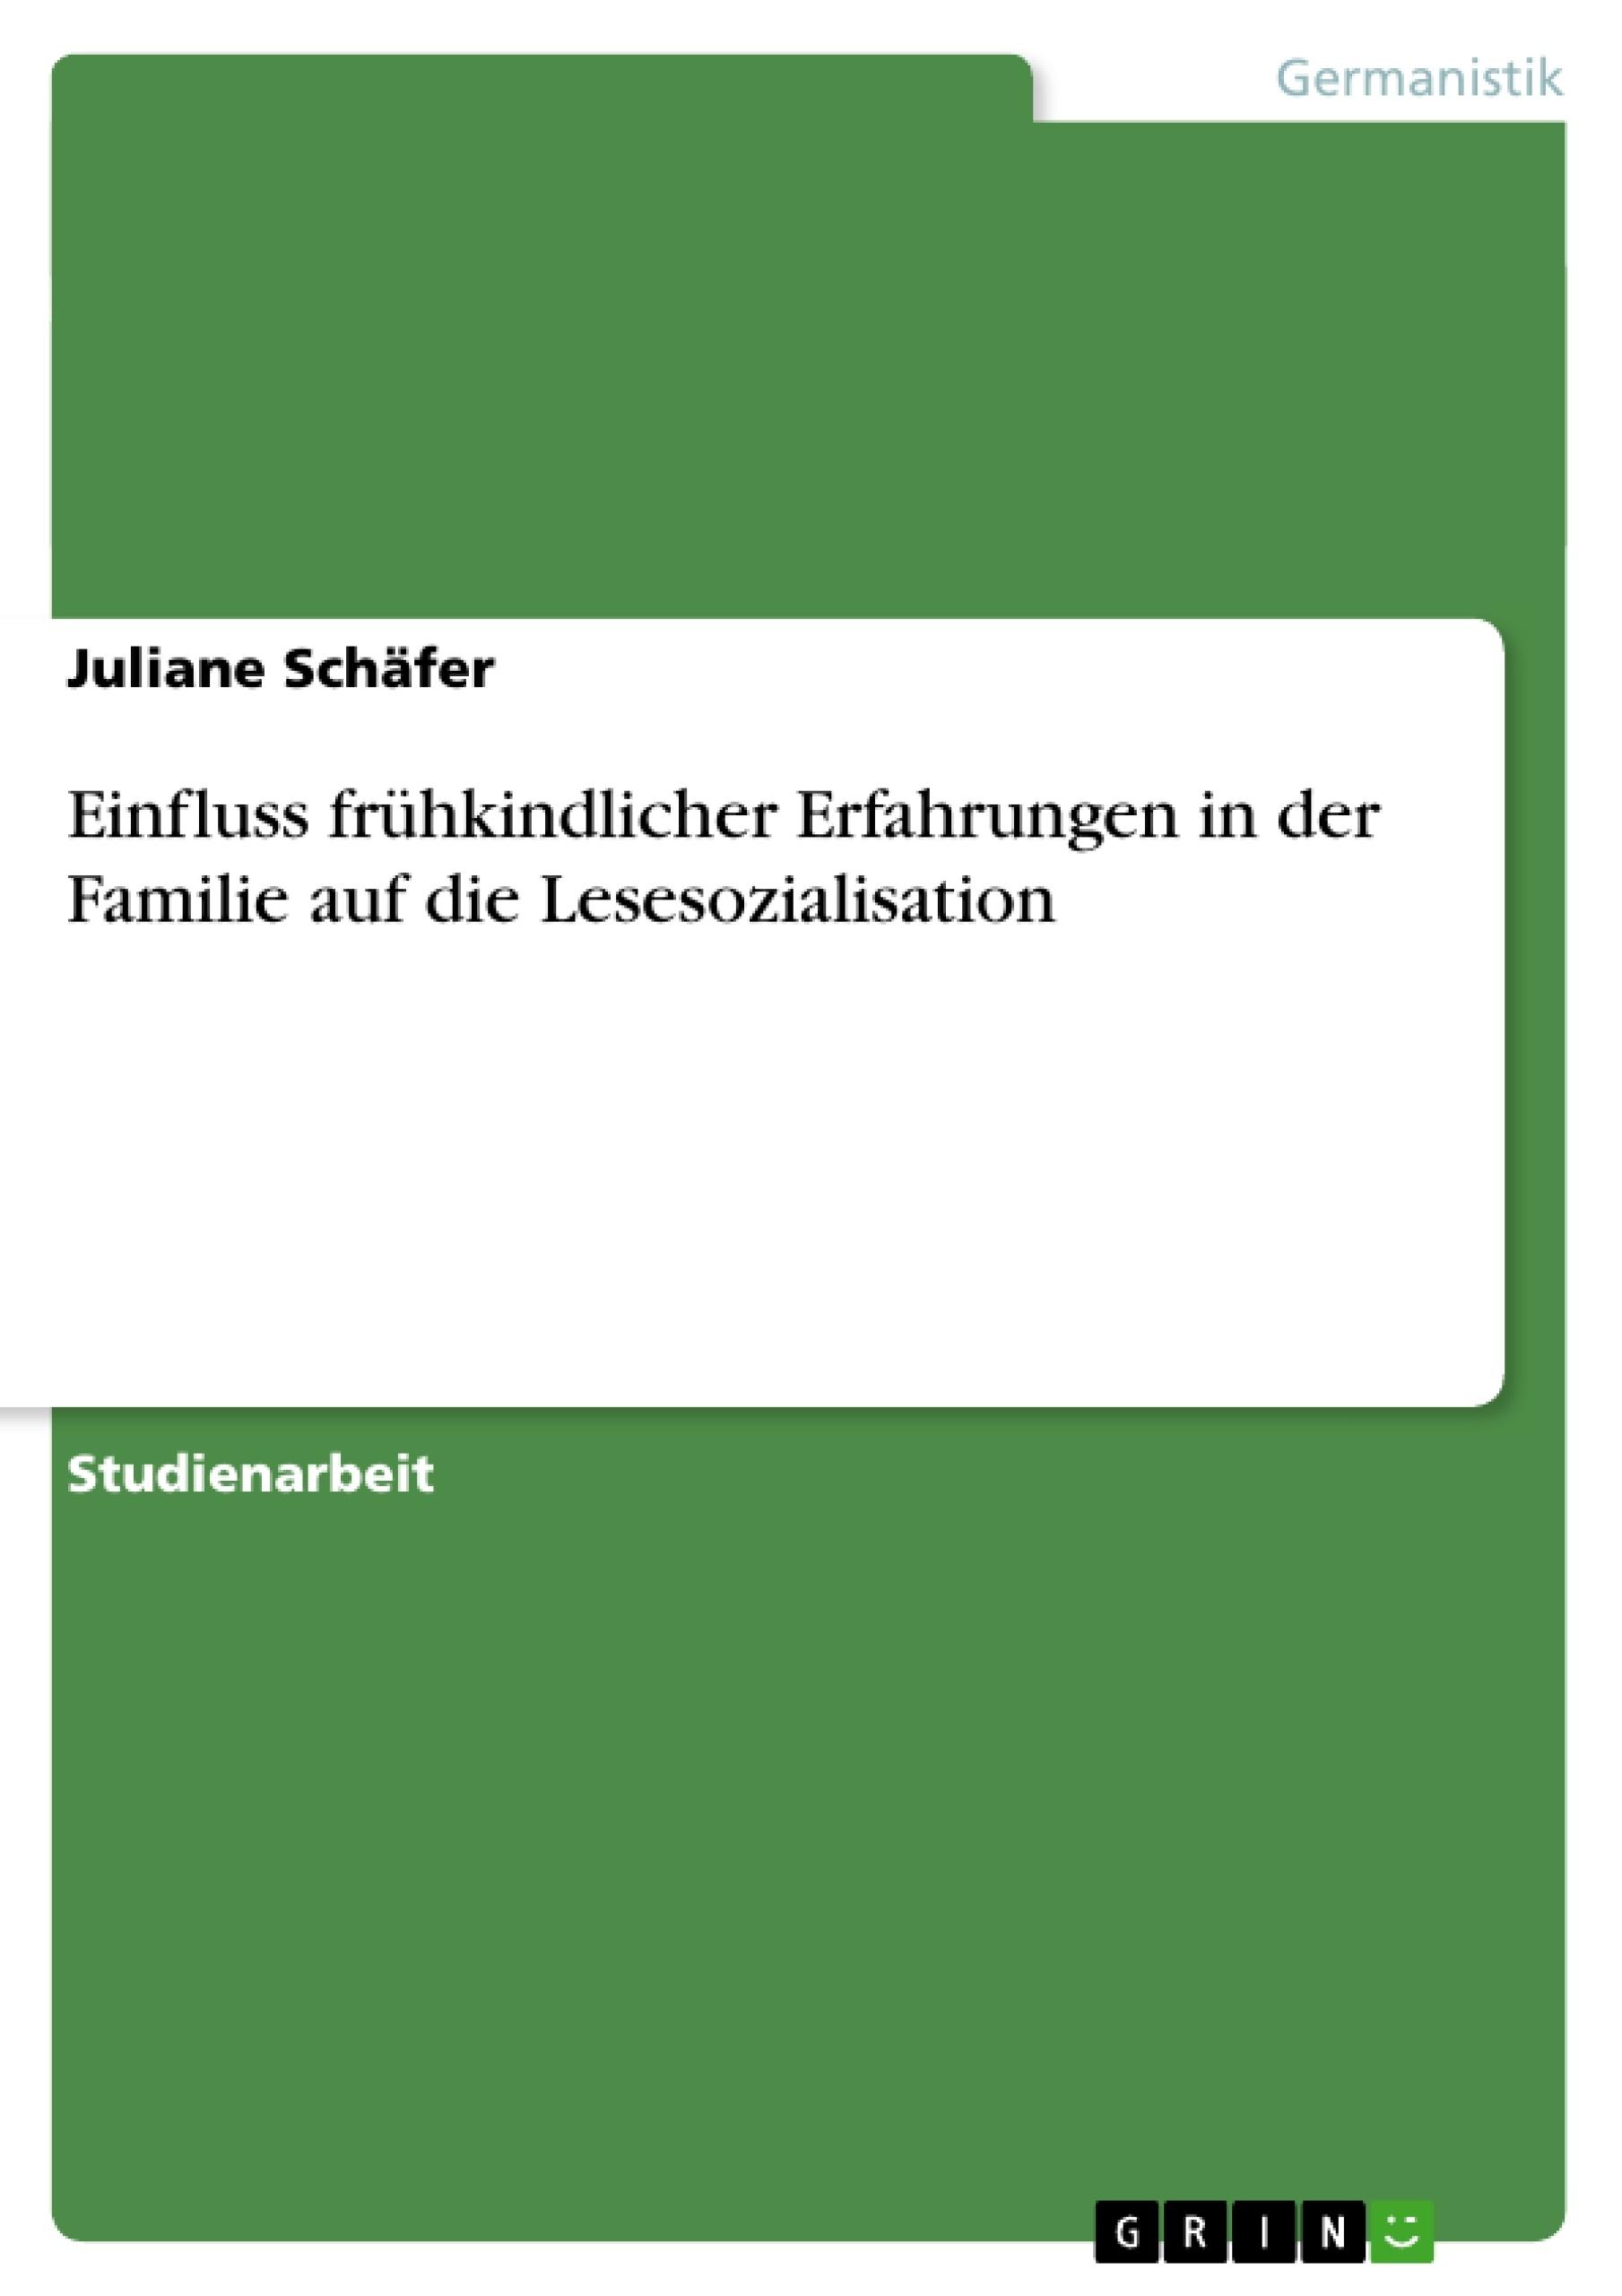 Titel: Einfluss frühkindlicher Erfahrungen in der Familie auf die Lesesozialisation